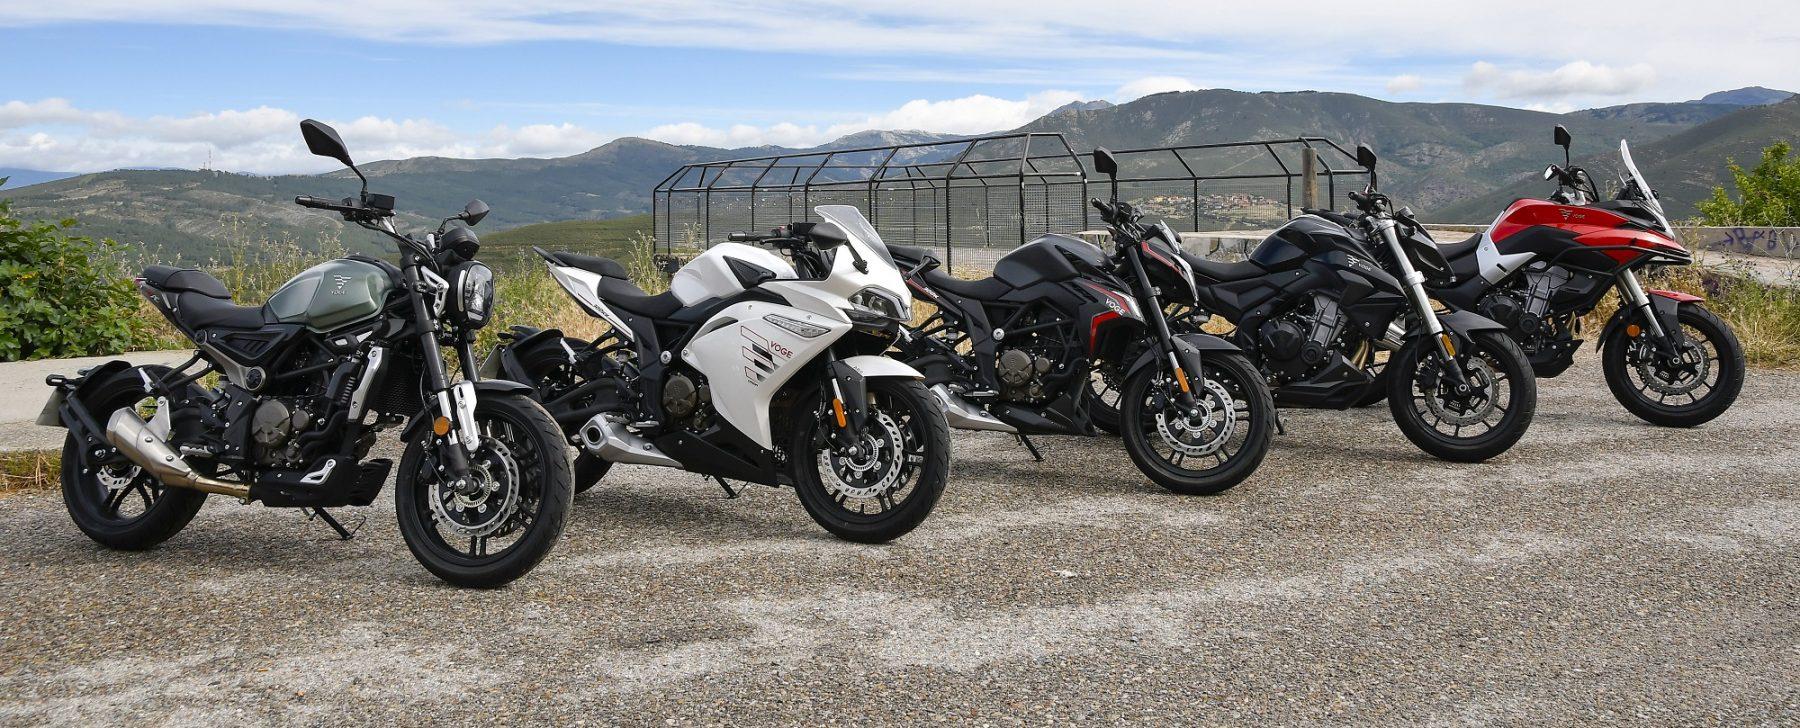 Voge, la marca china de motos que quiere ser diferente